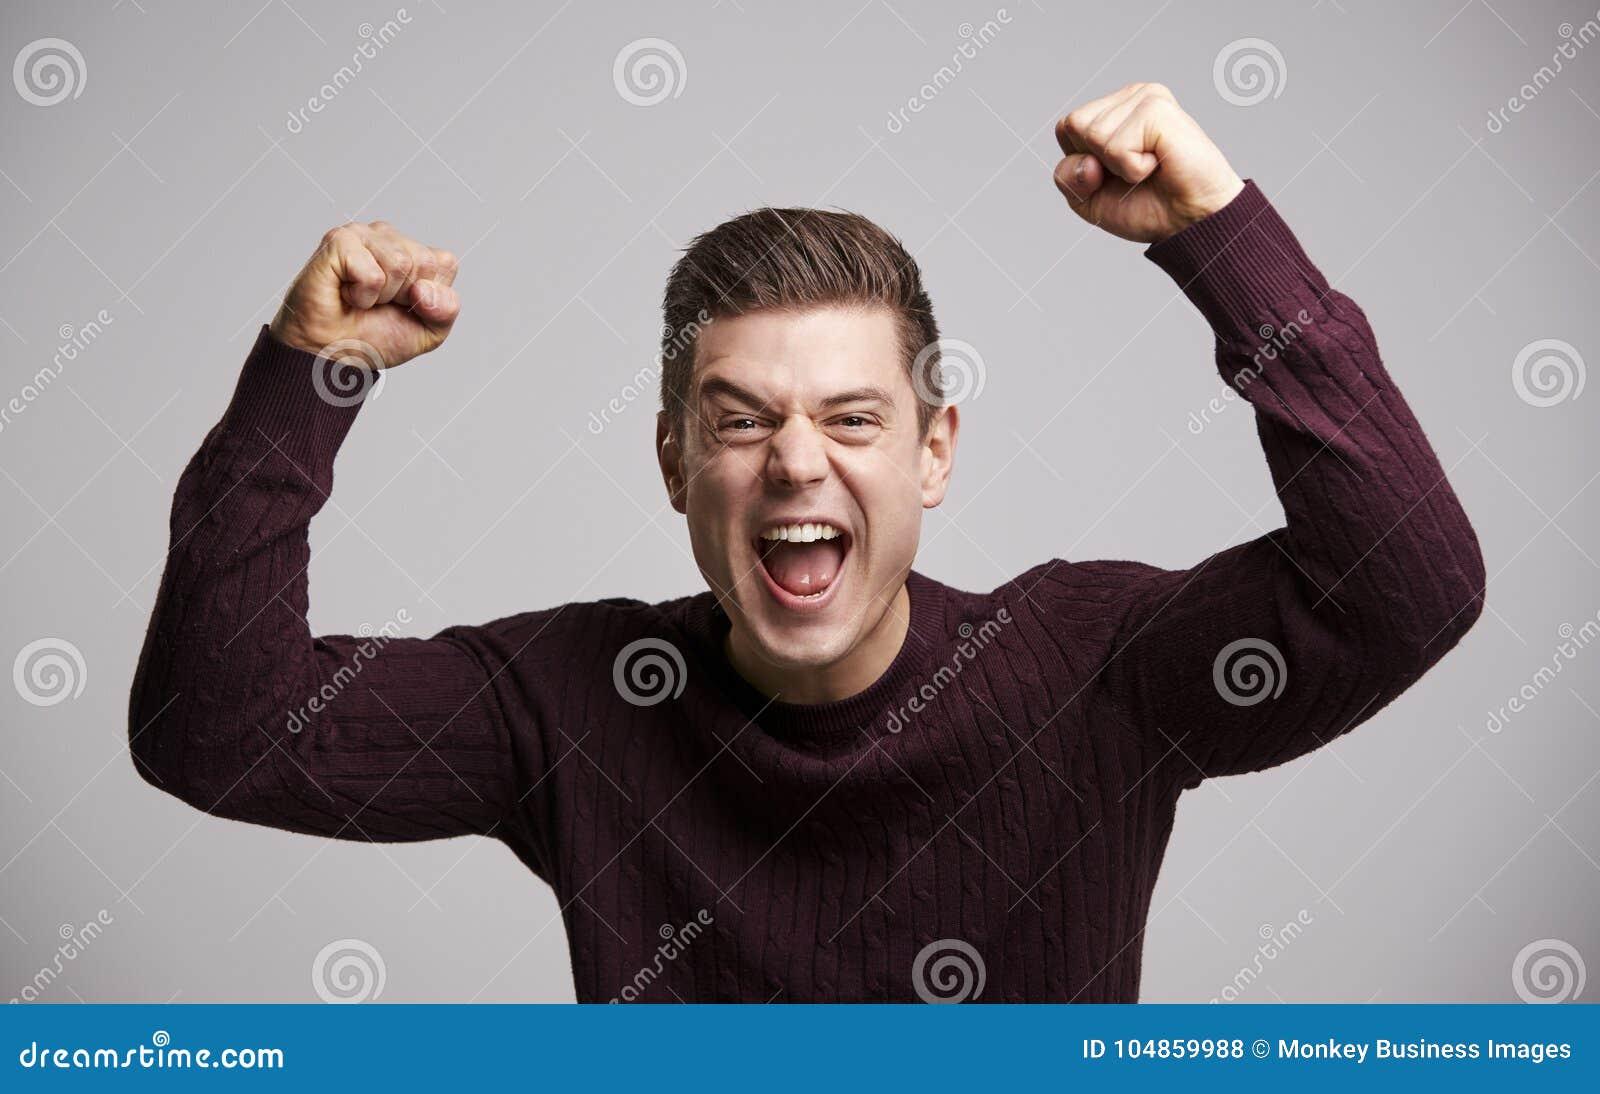 Retrato de um homem branco novo de comemoração com braços acima